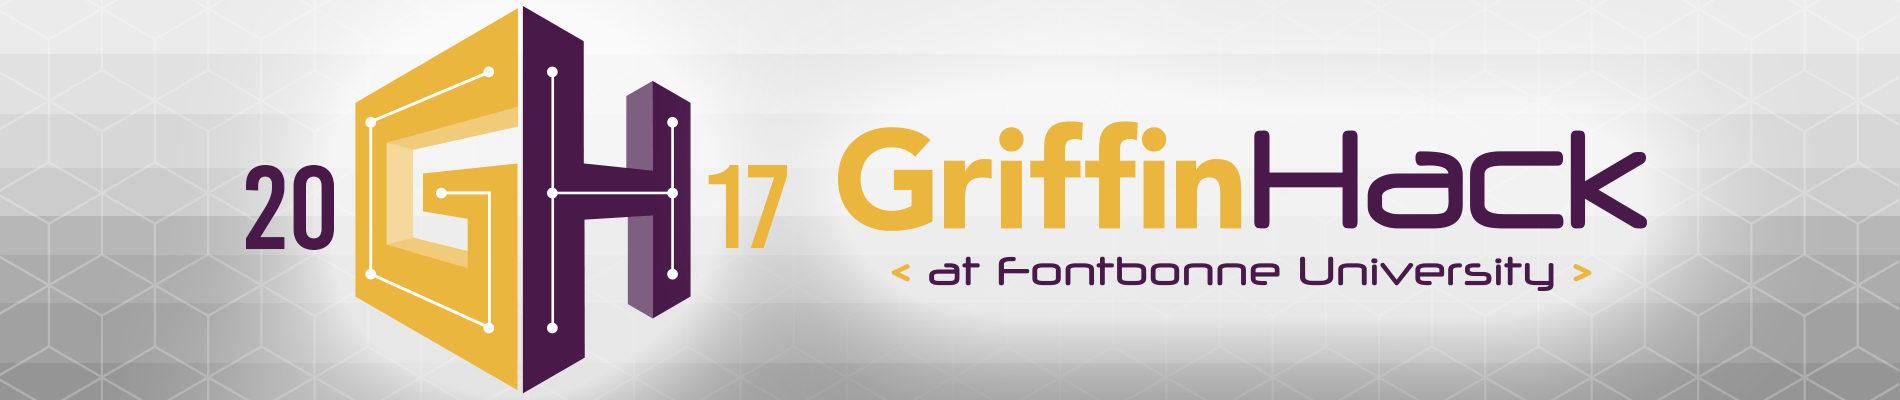 GriffinHack 2017 Landing Page Banner